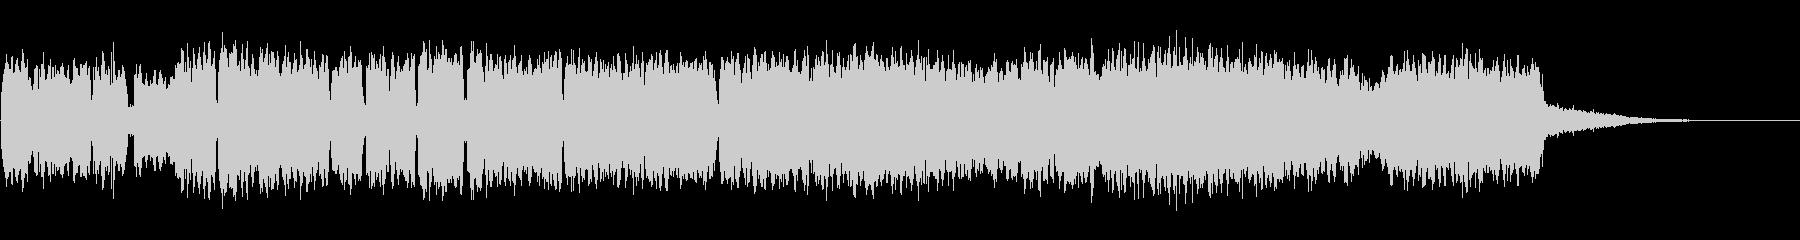 KANTロボット言語効果音6の未再生の波形